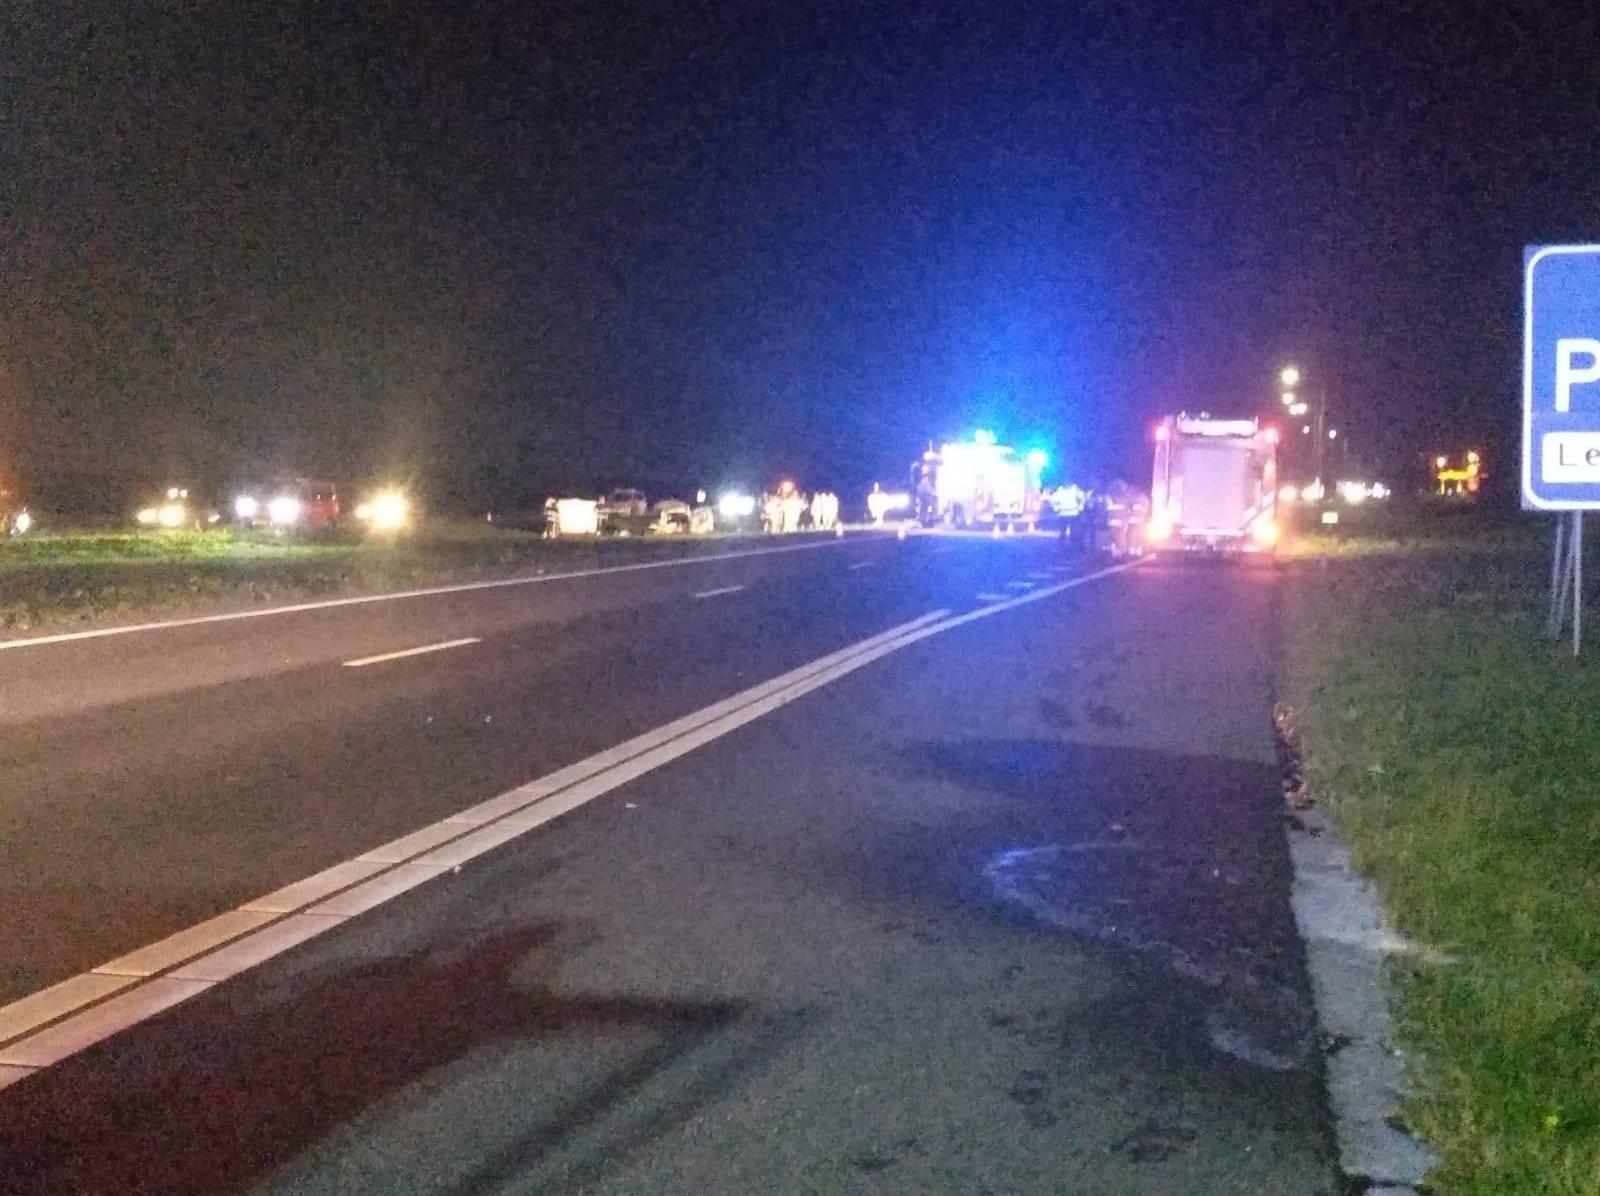 Dode en een gewonde bij Ernstige ongeluk op A6 bij Rutten